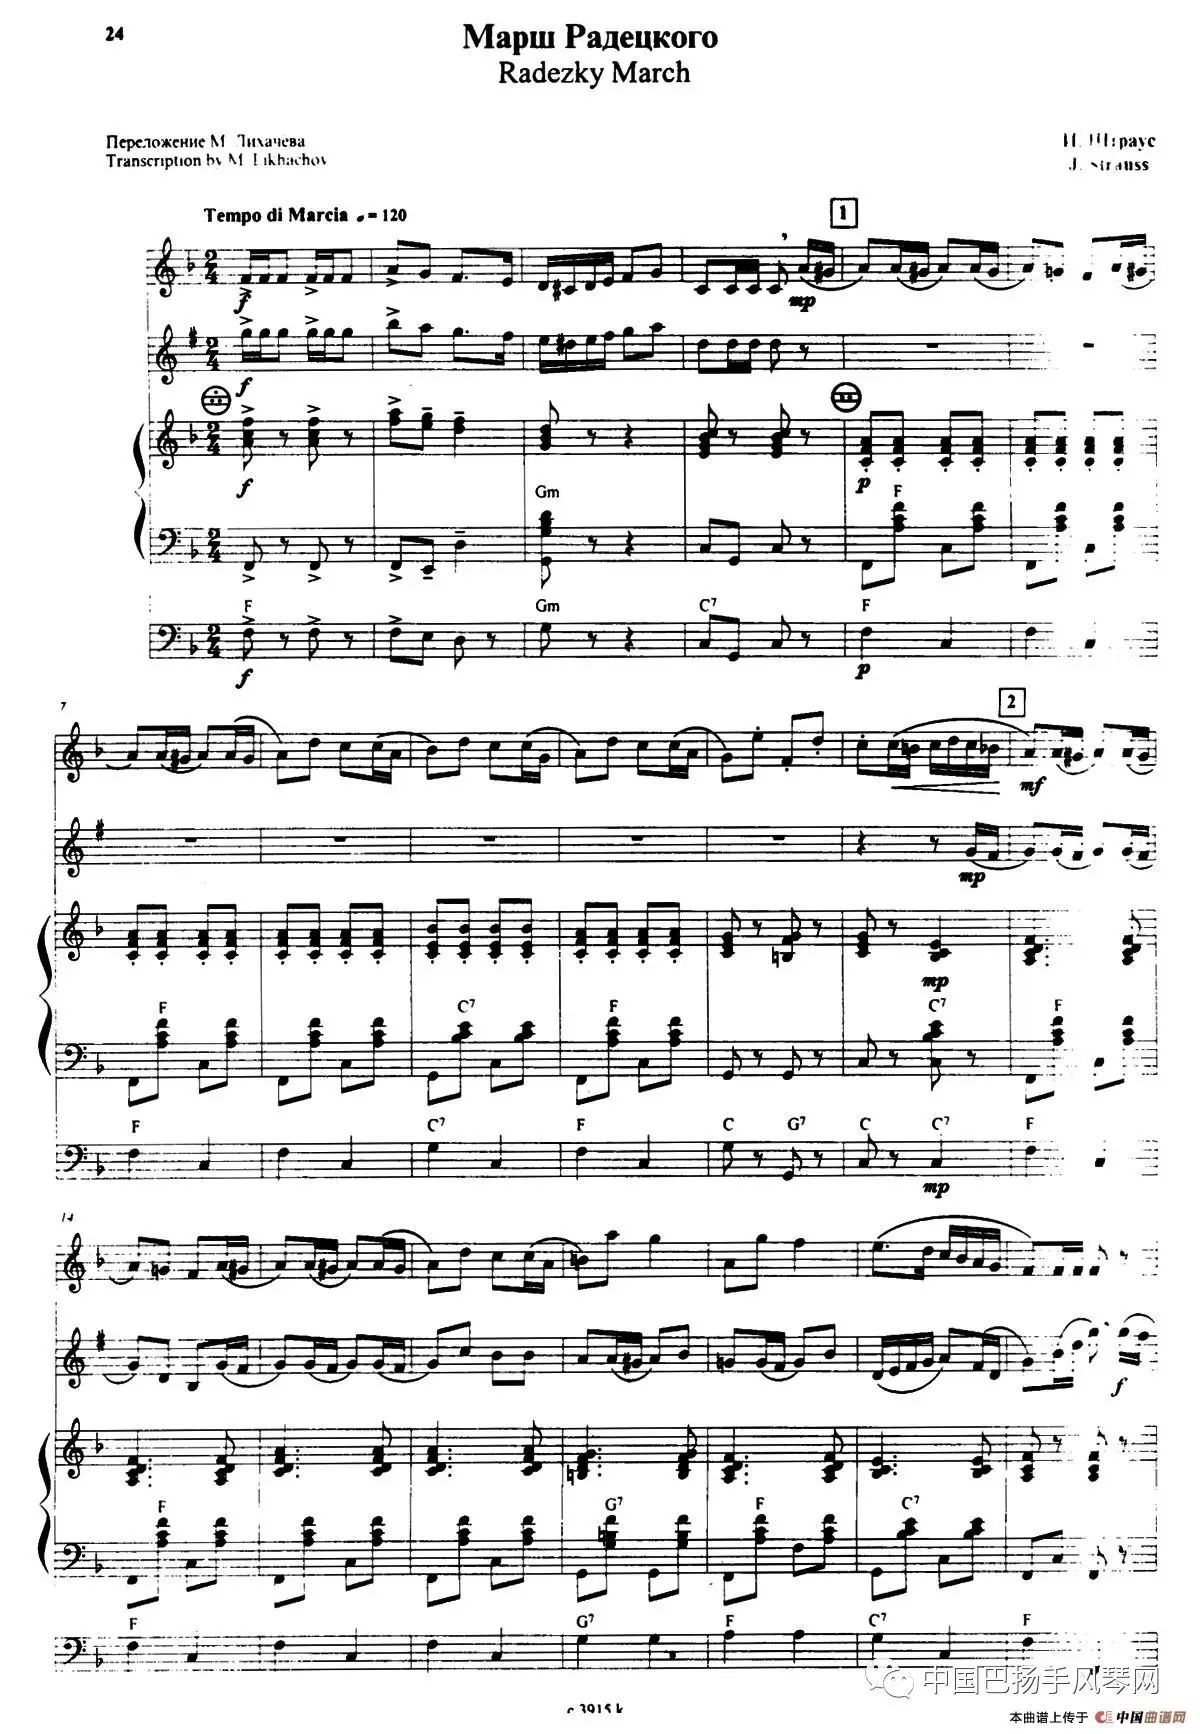 四架手风琴堪比乐队!】视频 总谱《拉德斯基进行曲》作曲:约翰.